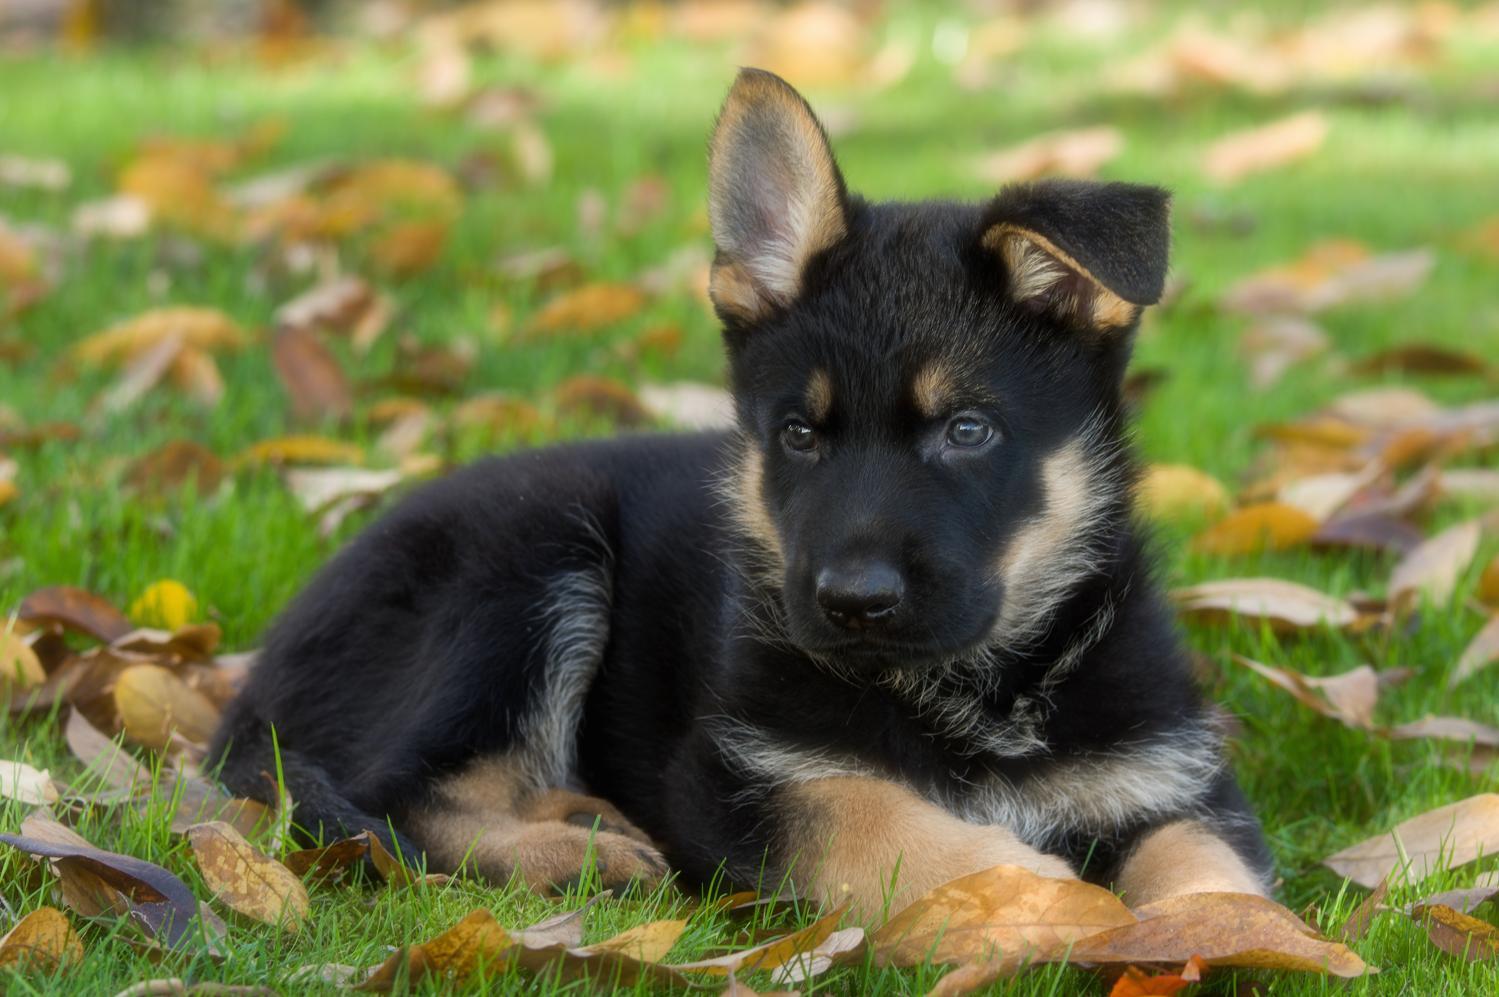 Schäferhund Kleinanzeigen: Welpen, Schäferhund in Not, Schäferhund Deckrüden